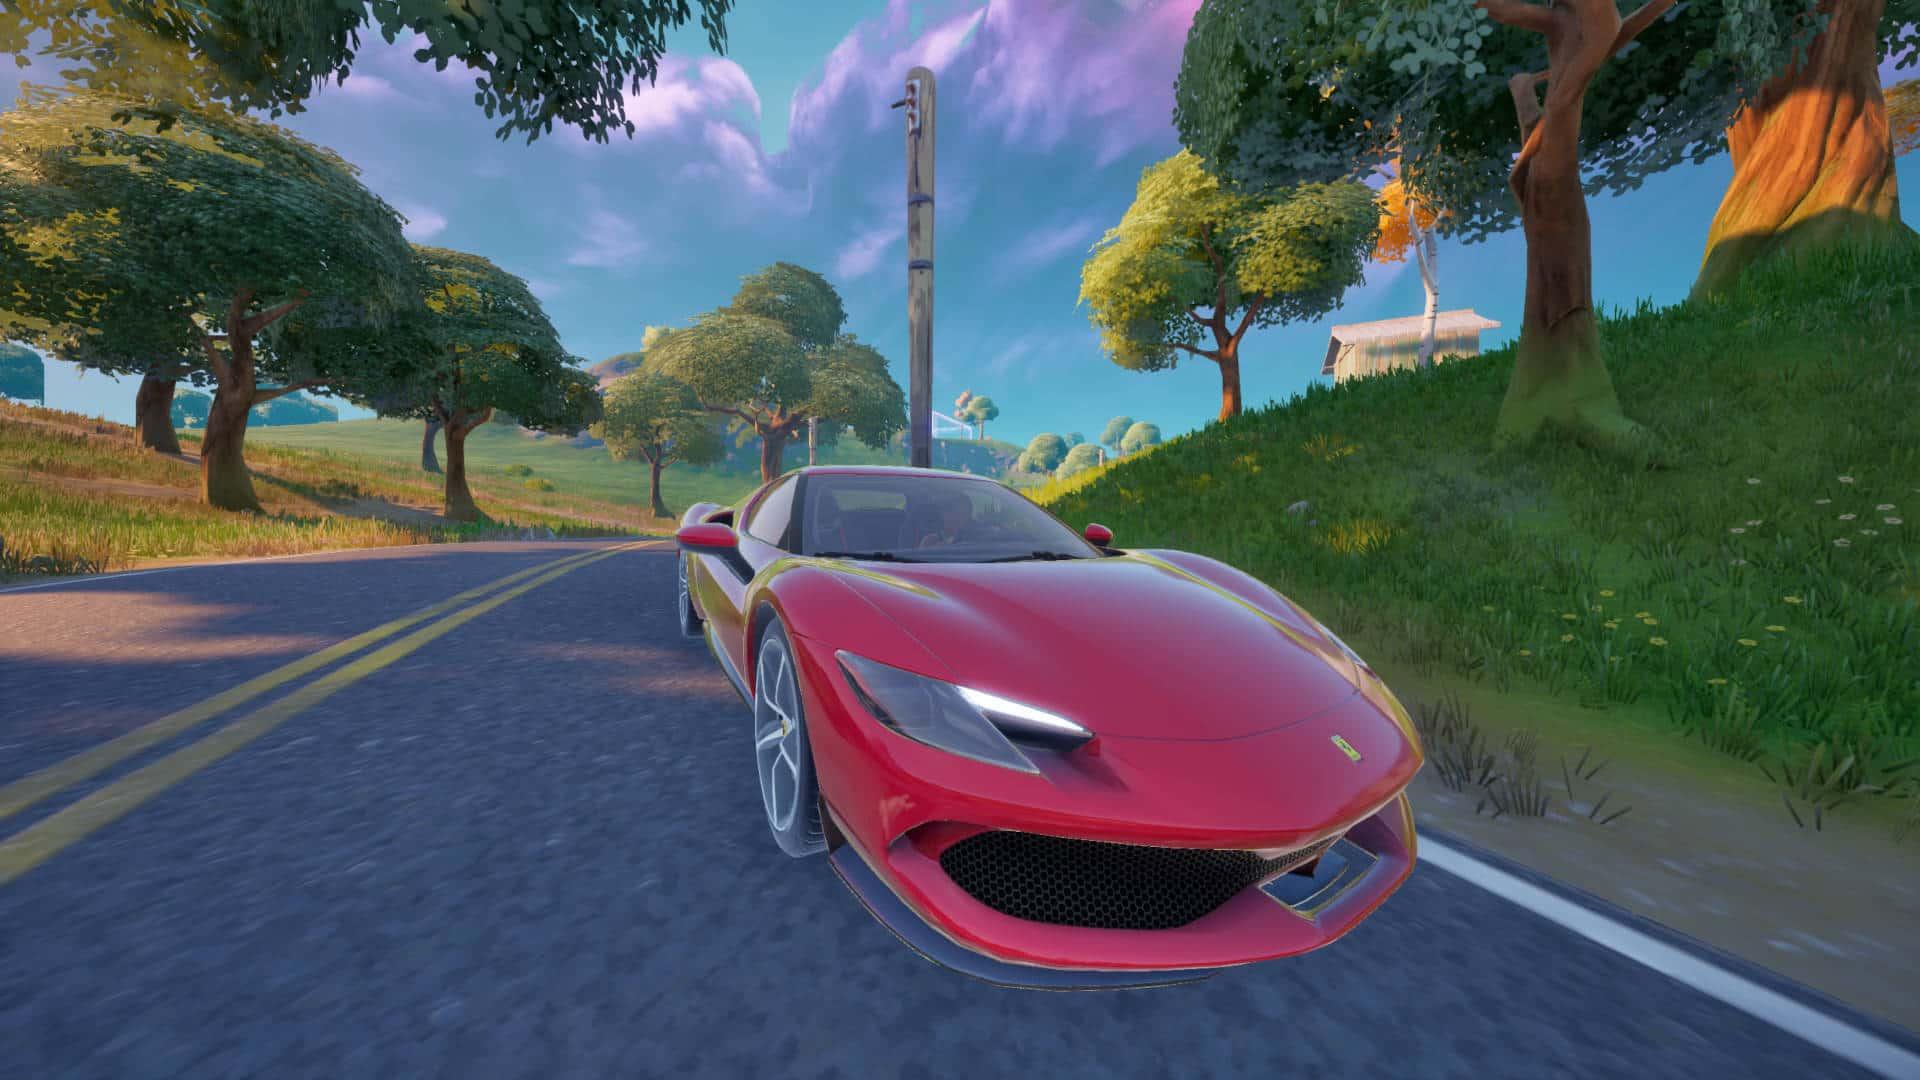 Dónde conseguir un Ferrari 296 GTB en la temporada 7 de Fortnite